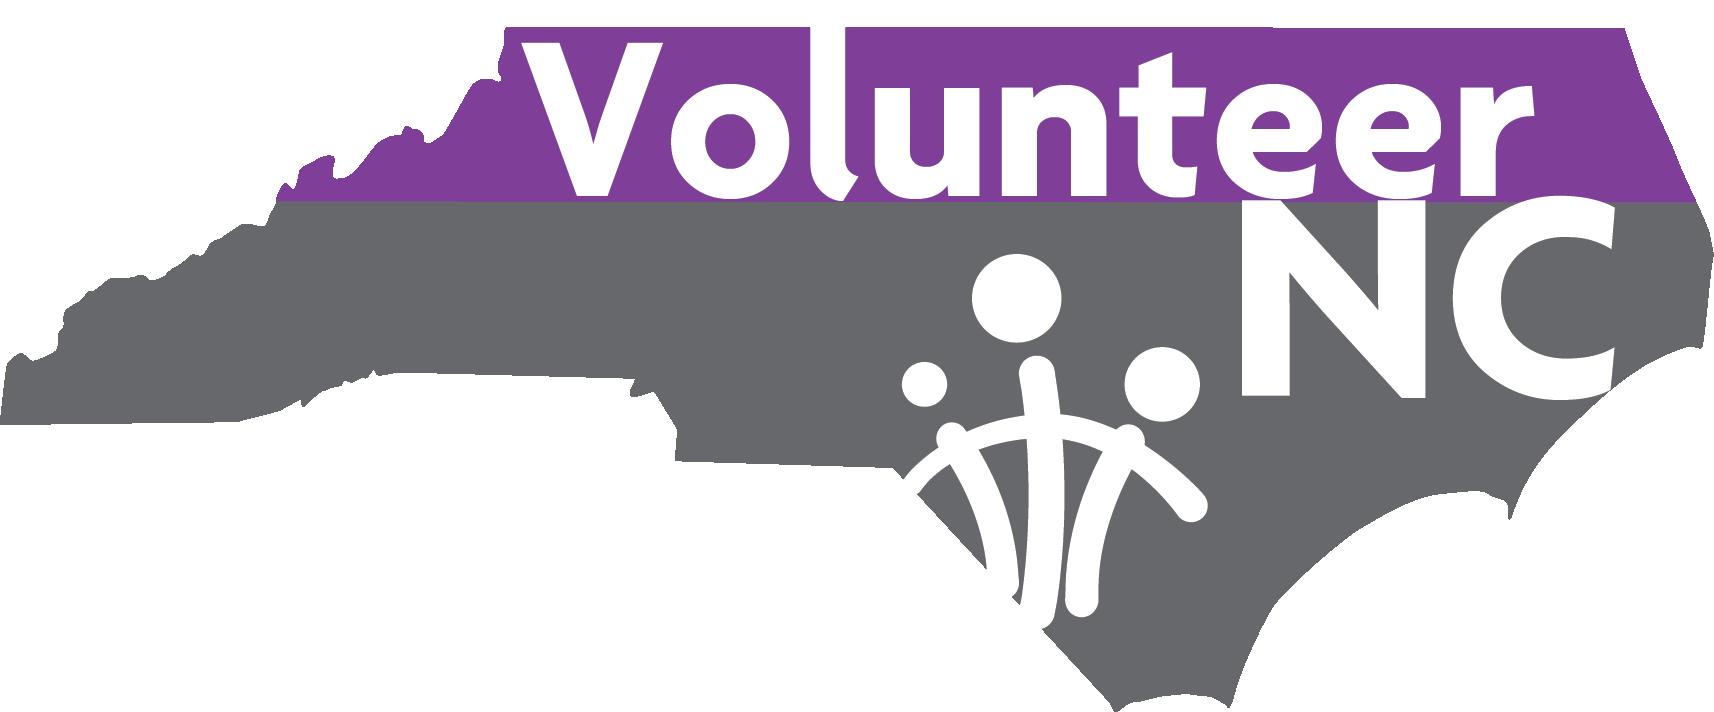 Volunteer North Carolina logo